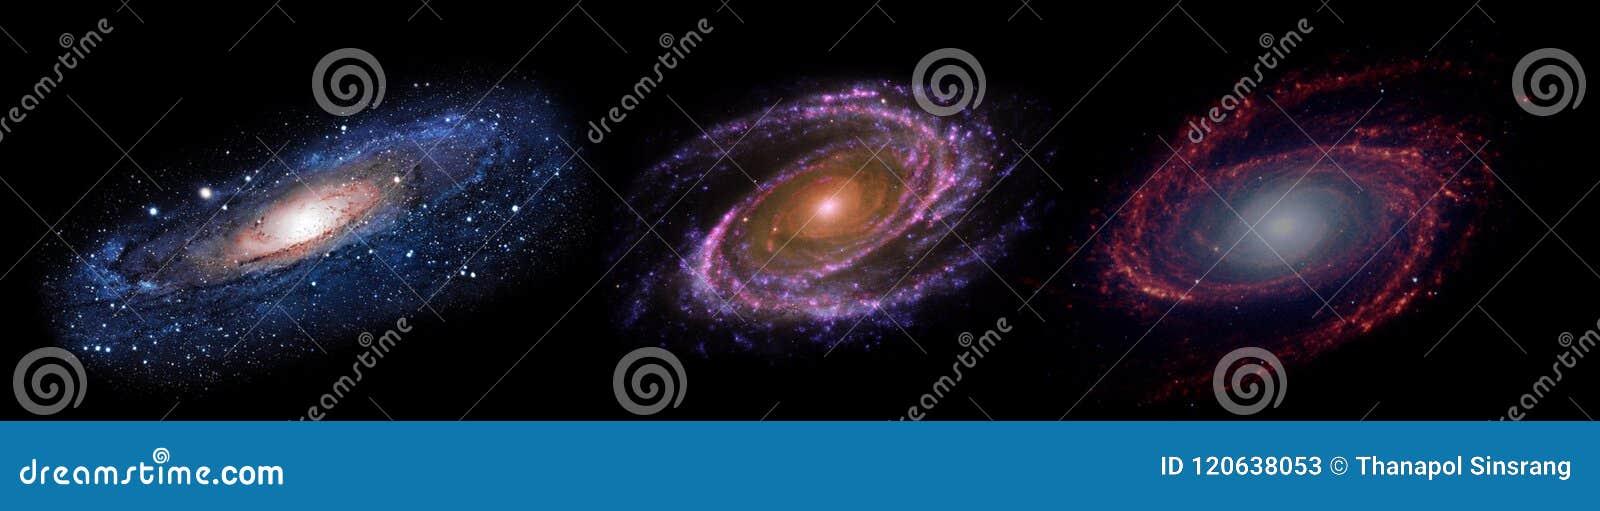 Planètes et galaxie, papier peint de la science-fiction